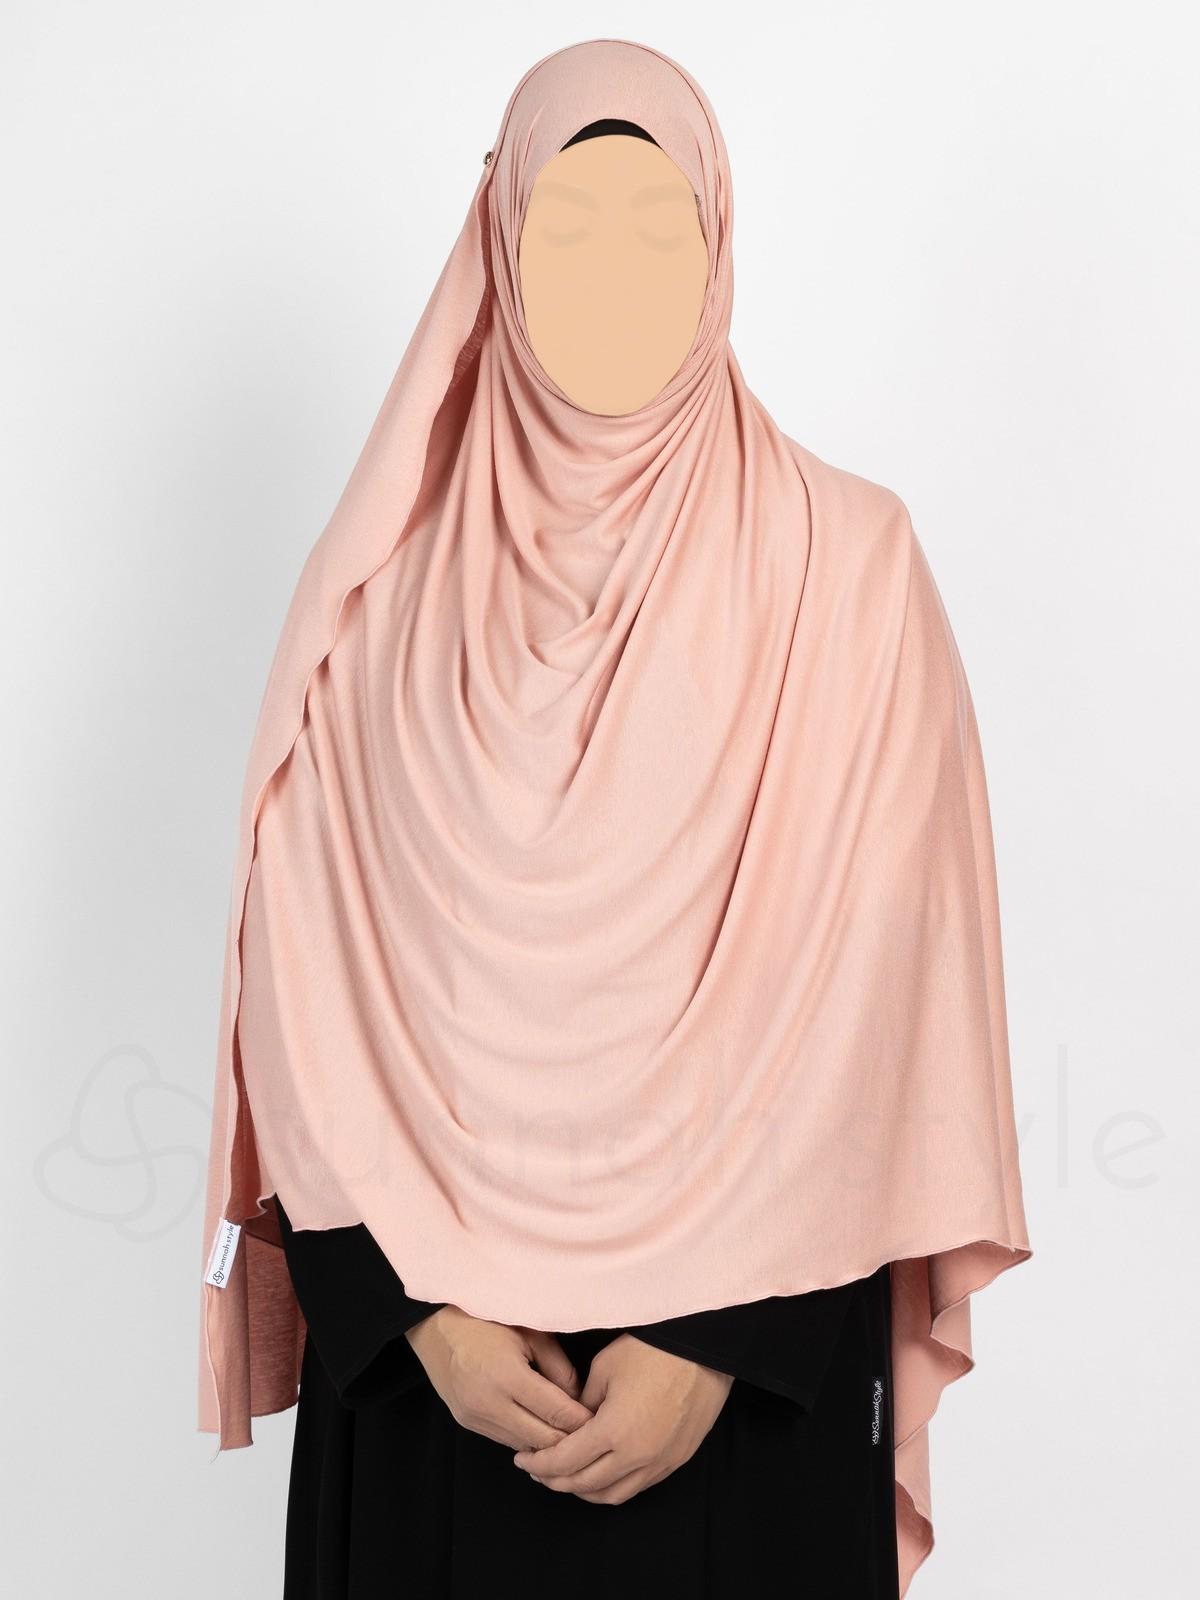 Sunnah Style - Urban Shayla (Soft Jersey) - XL (Light Coral)